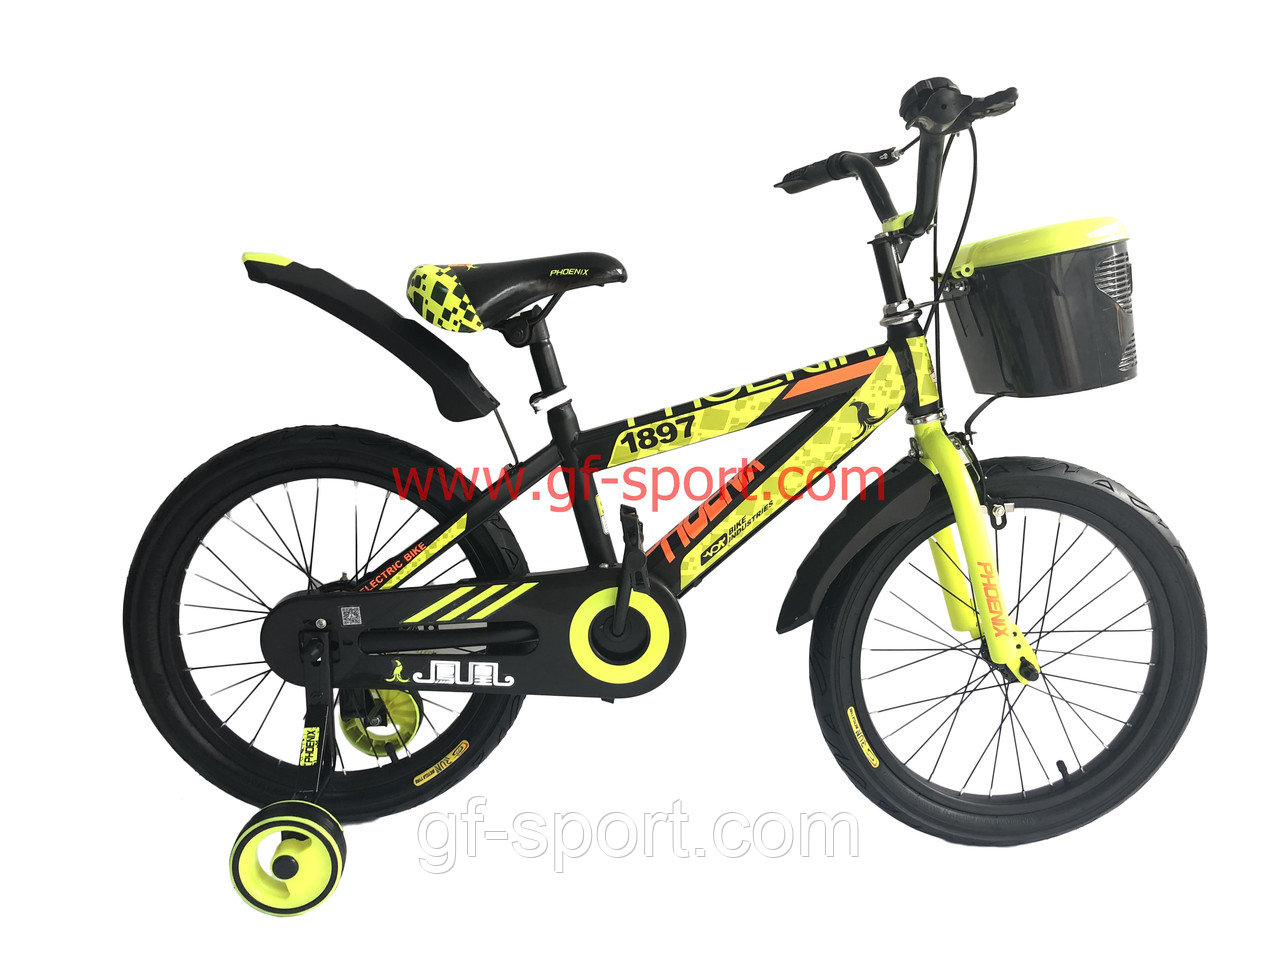 Велосипед Phoenix салалатовый алюминиевый сплав оригинал детский с холостым ходом 18 размер